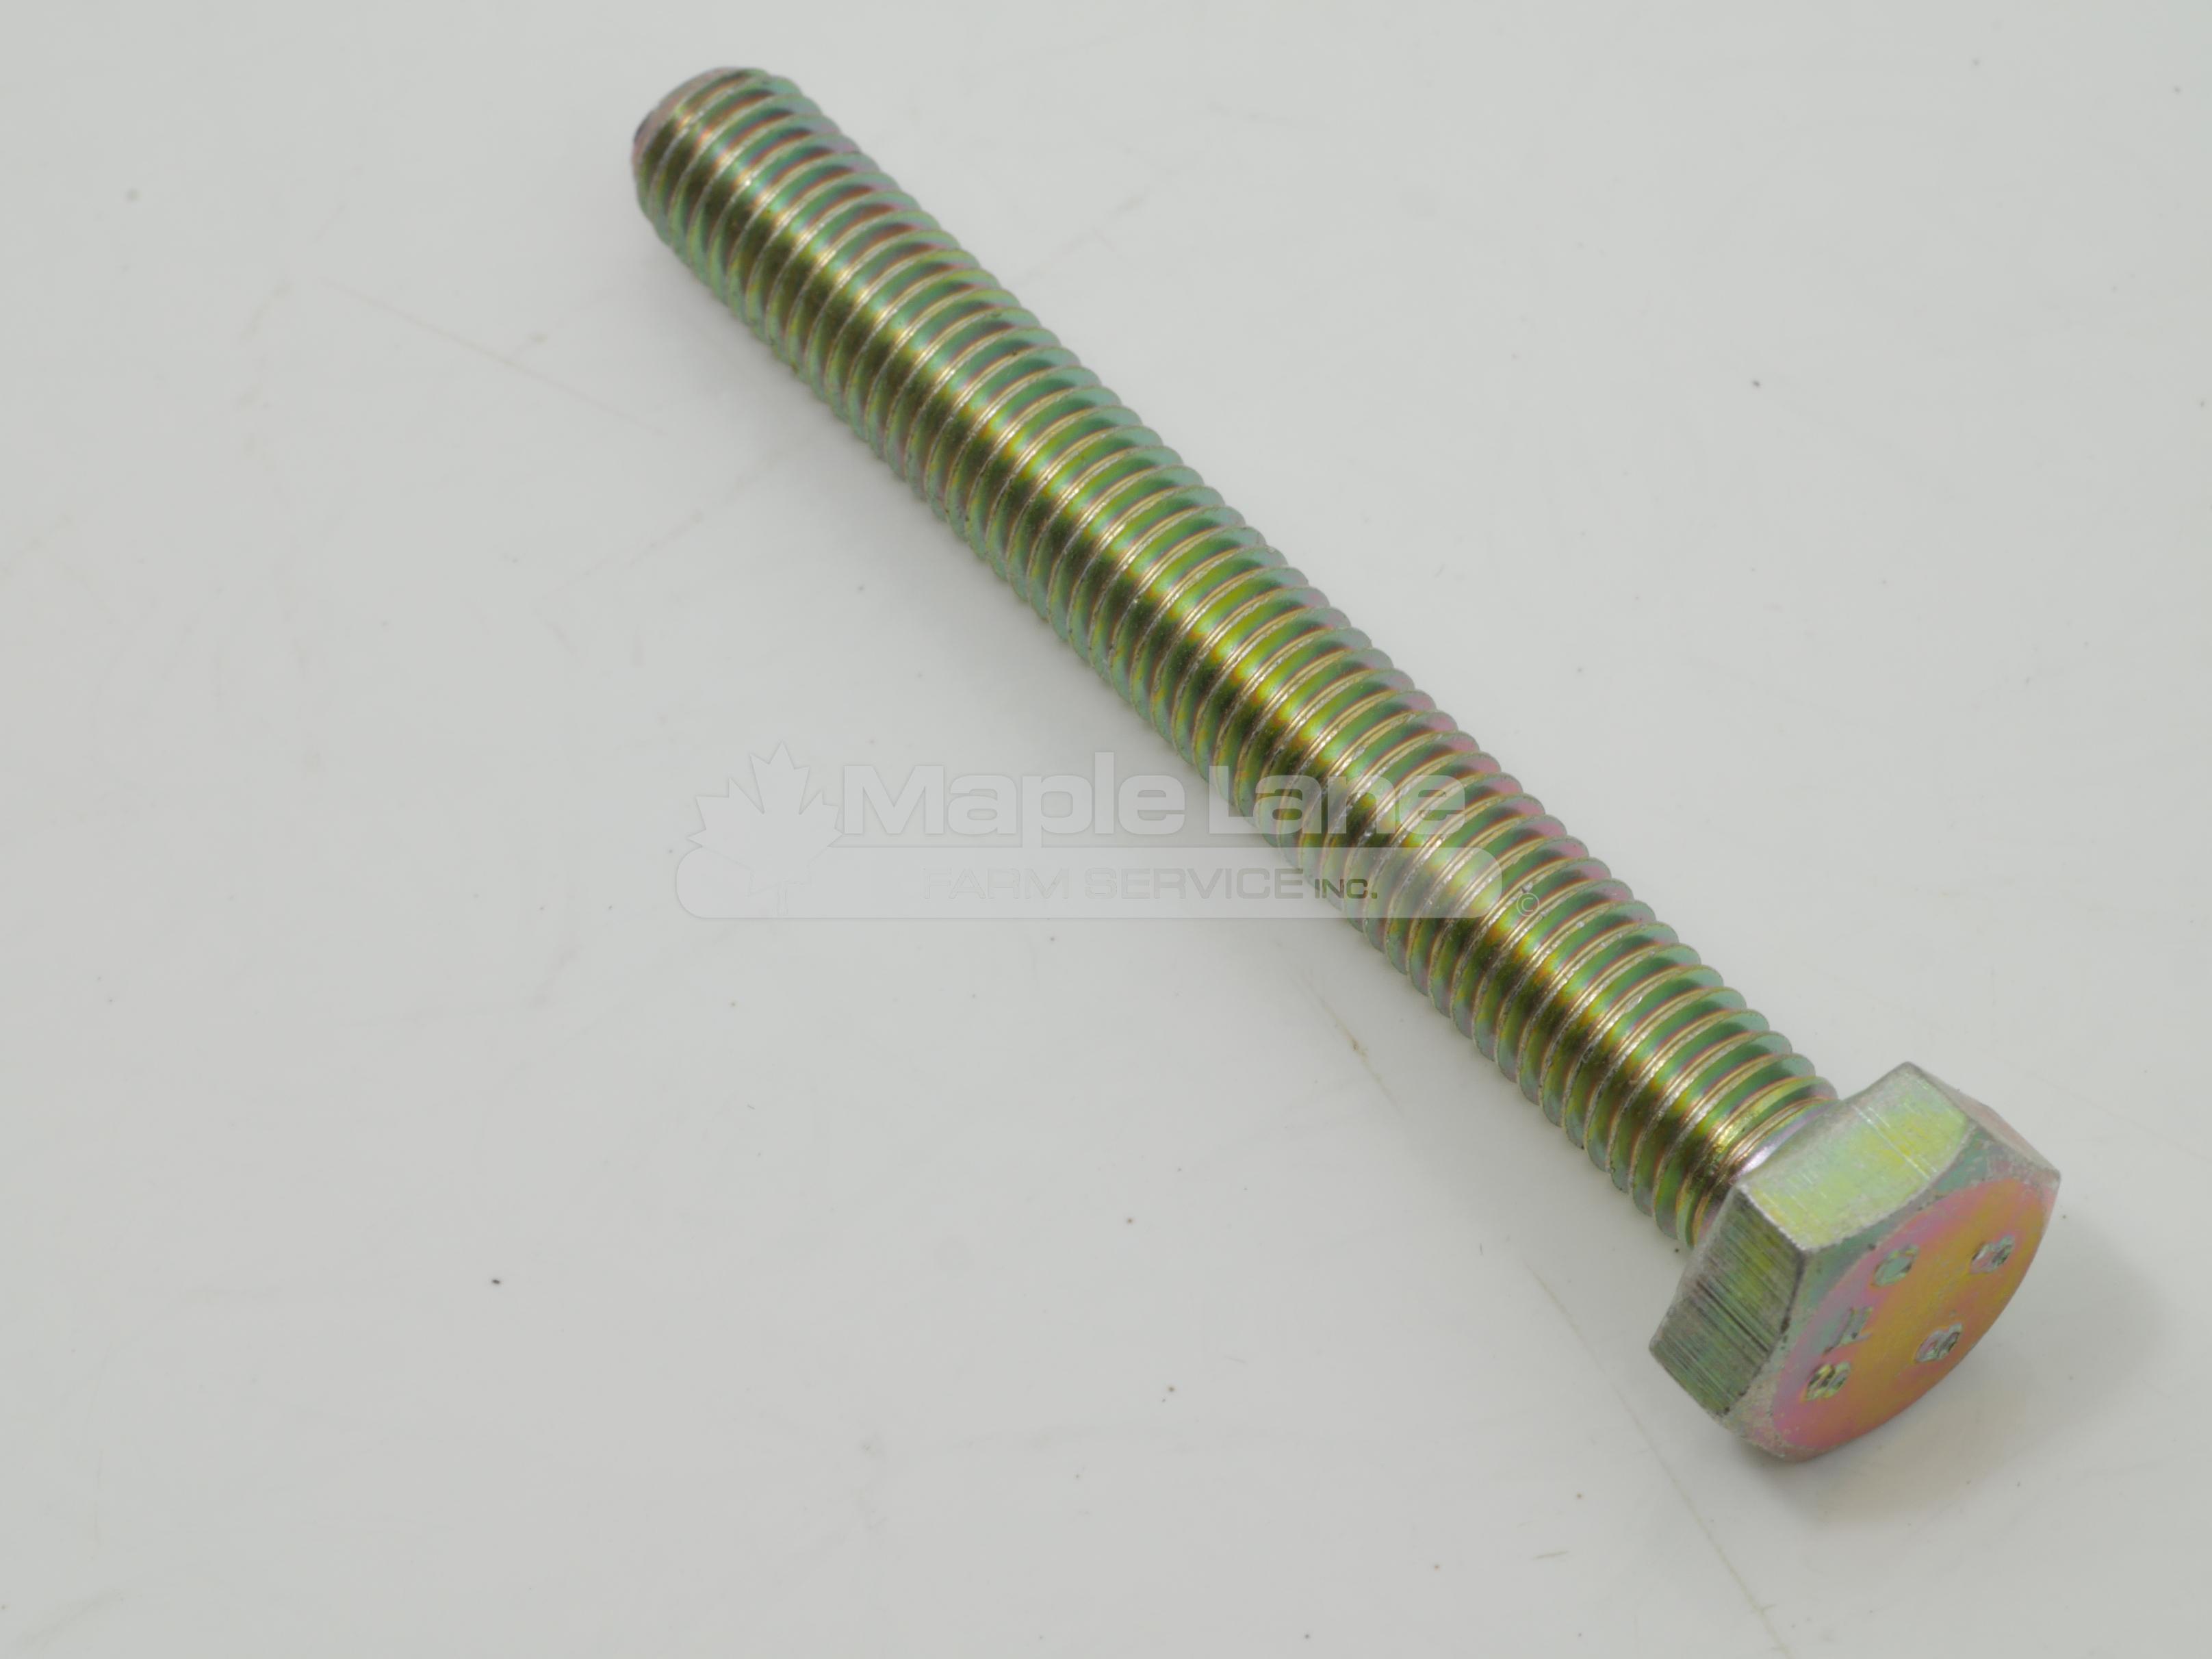 72315698 Full Thread Bolt